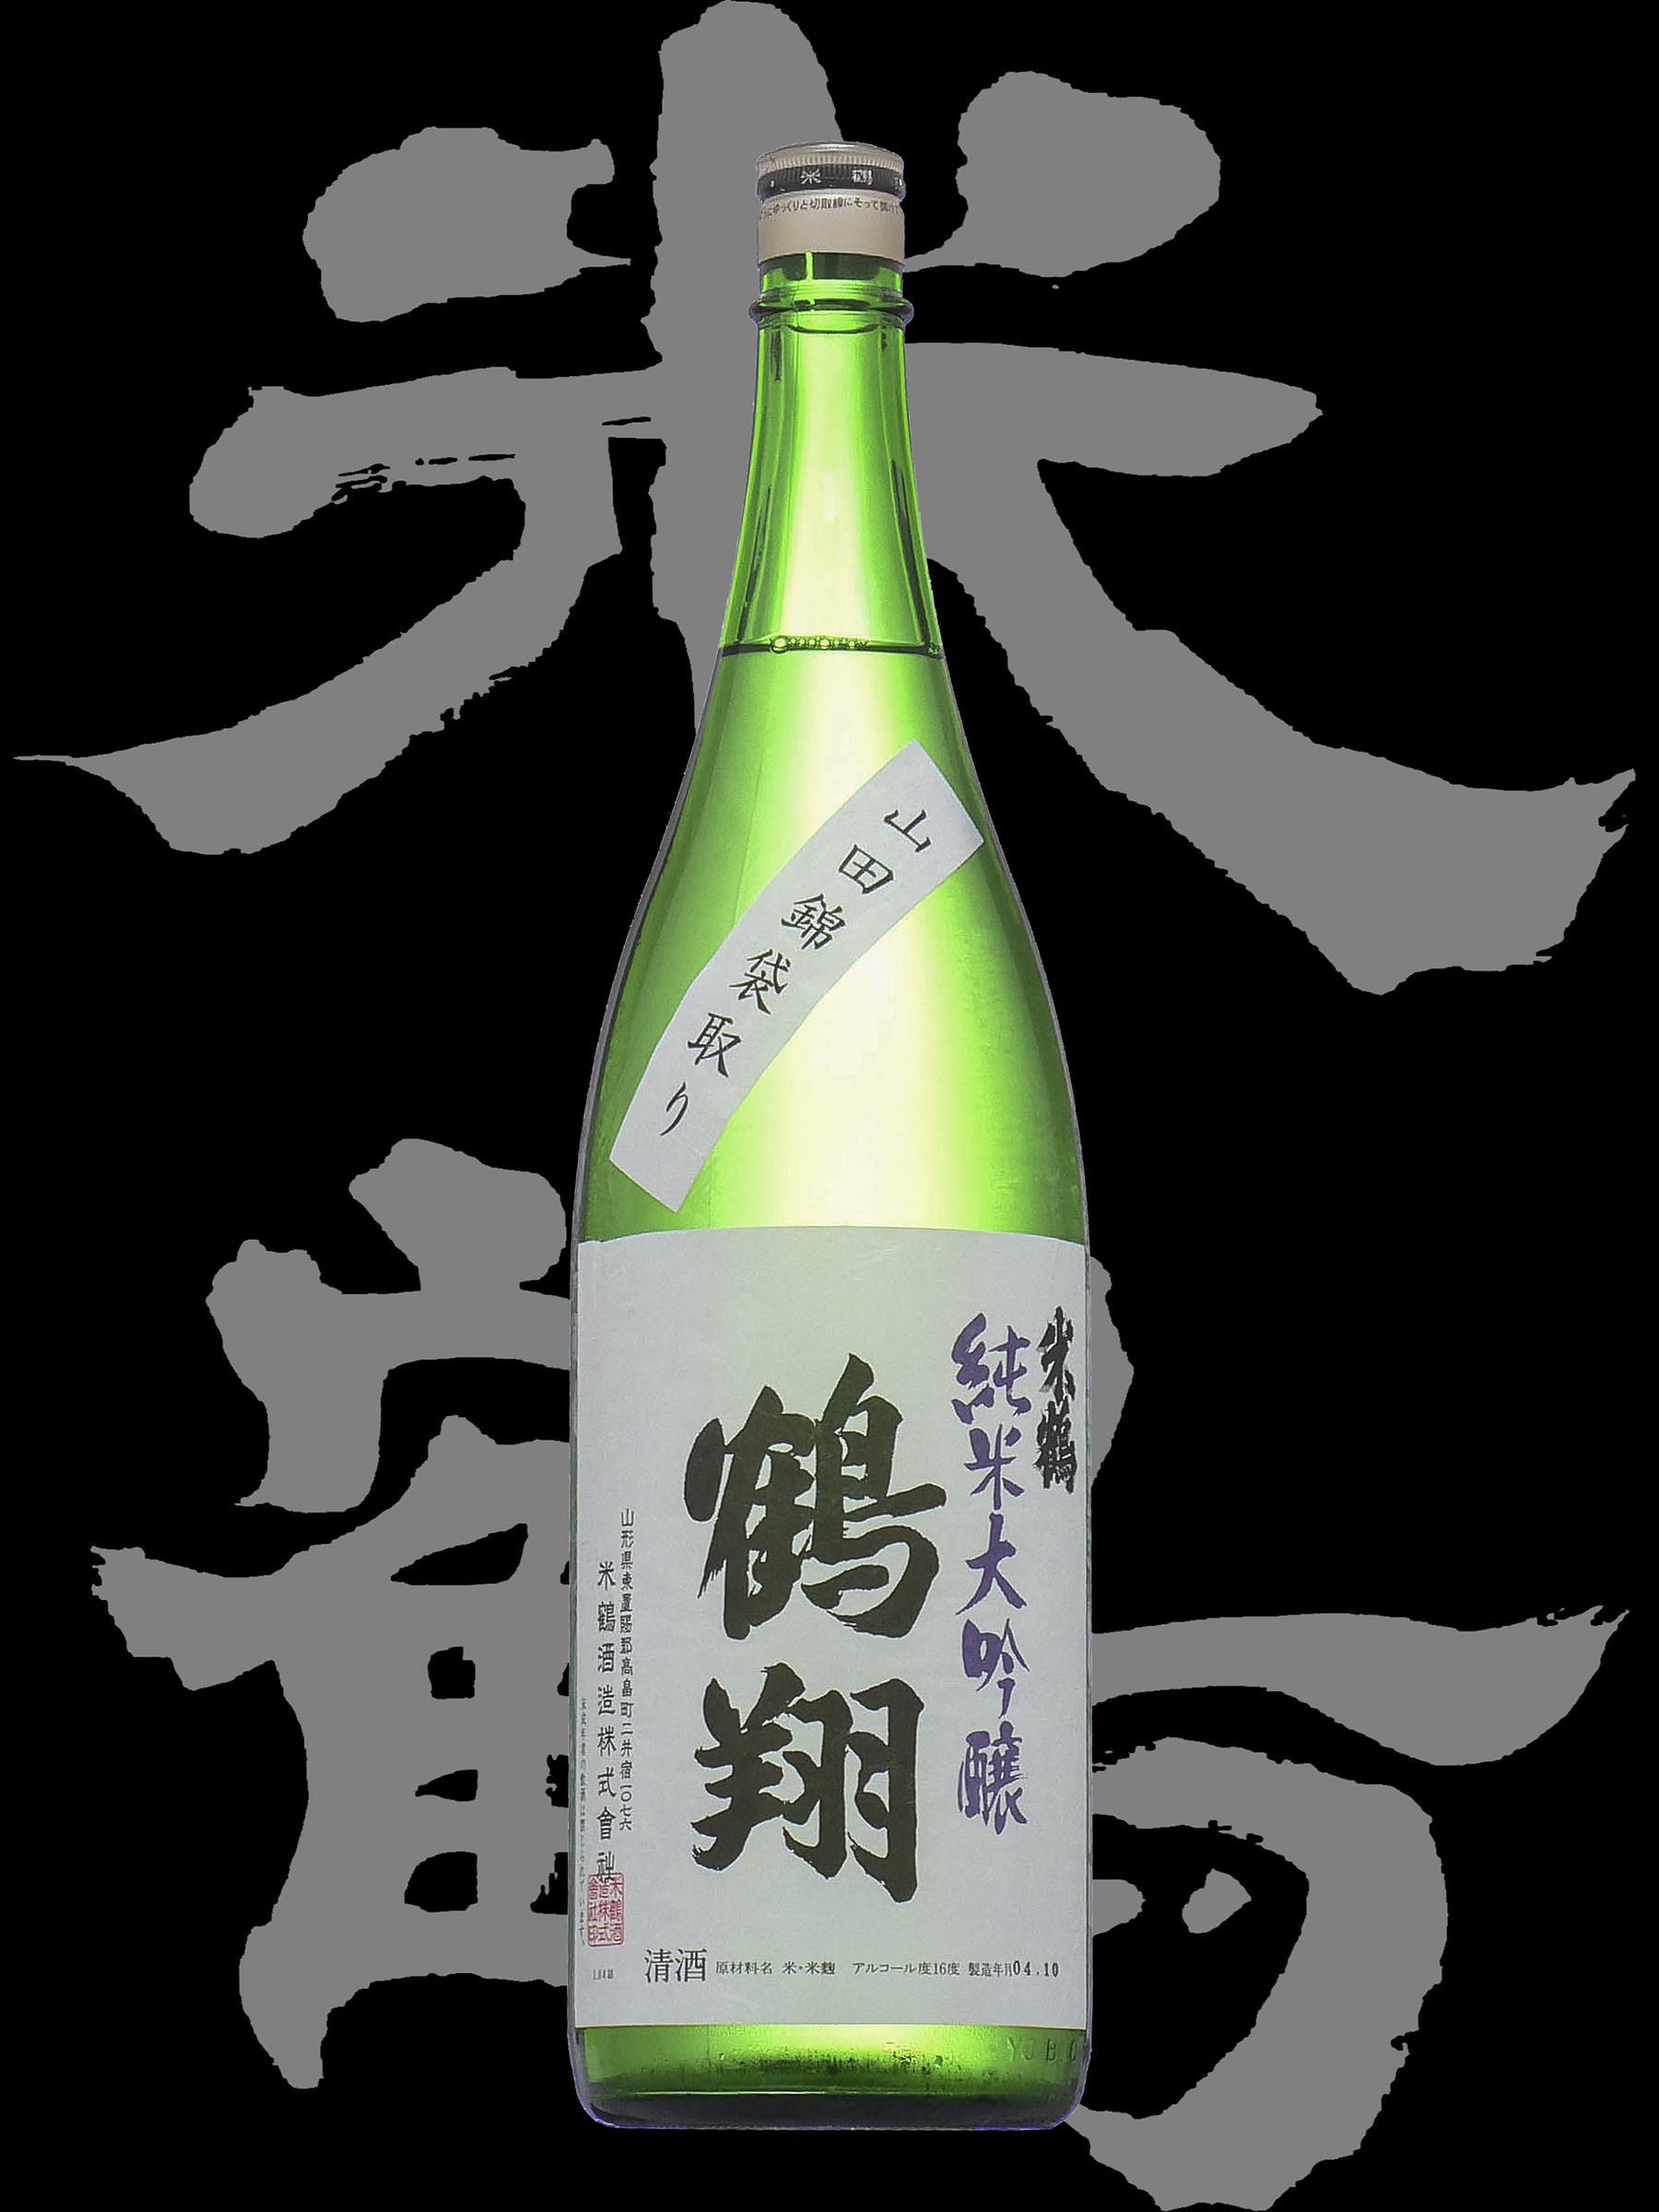 米鶴(よねつる)「純米大吟醸」鶴翔(かくほう)